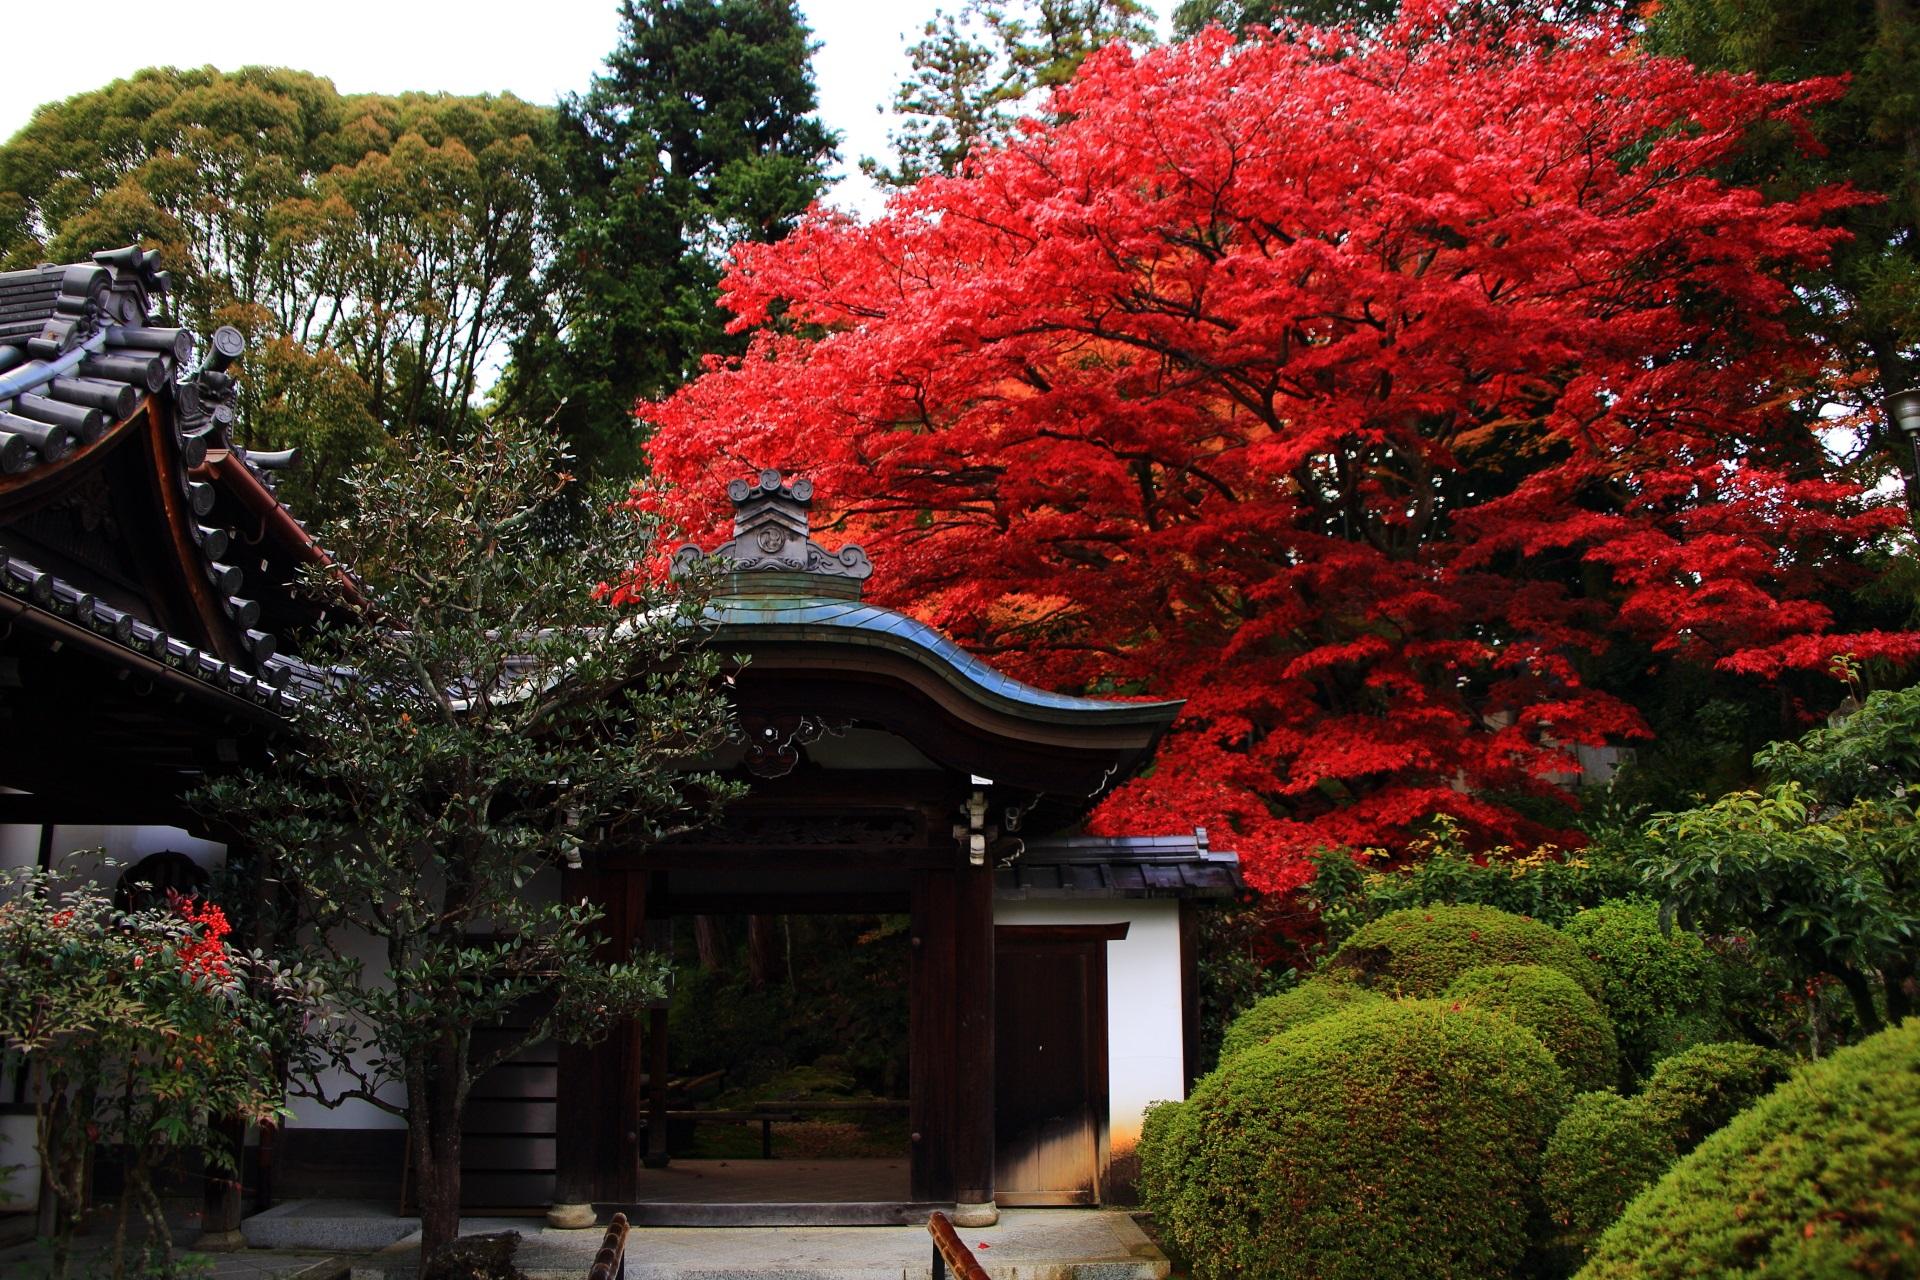 庭園入口の門(中門)の上で豪快に色づく真っ赤な紅葉